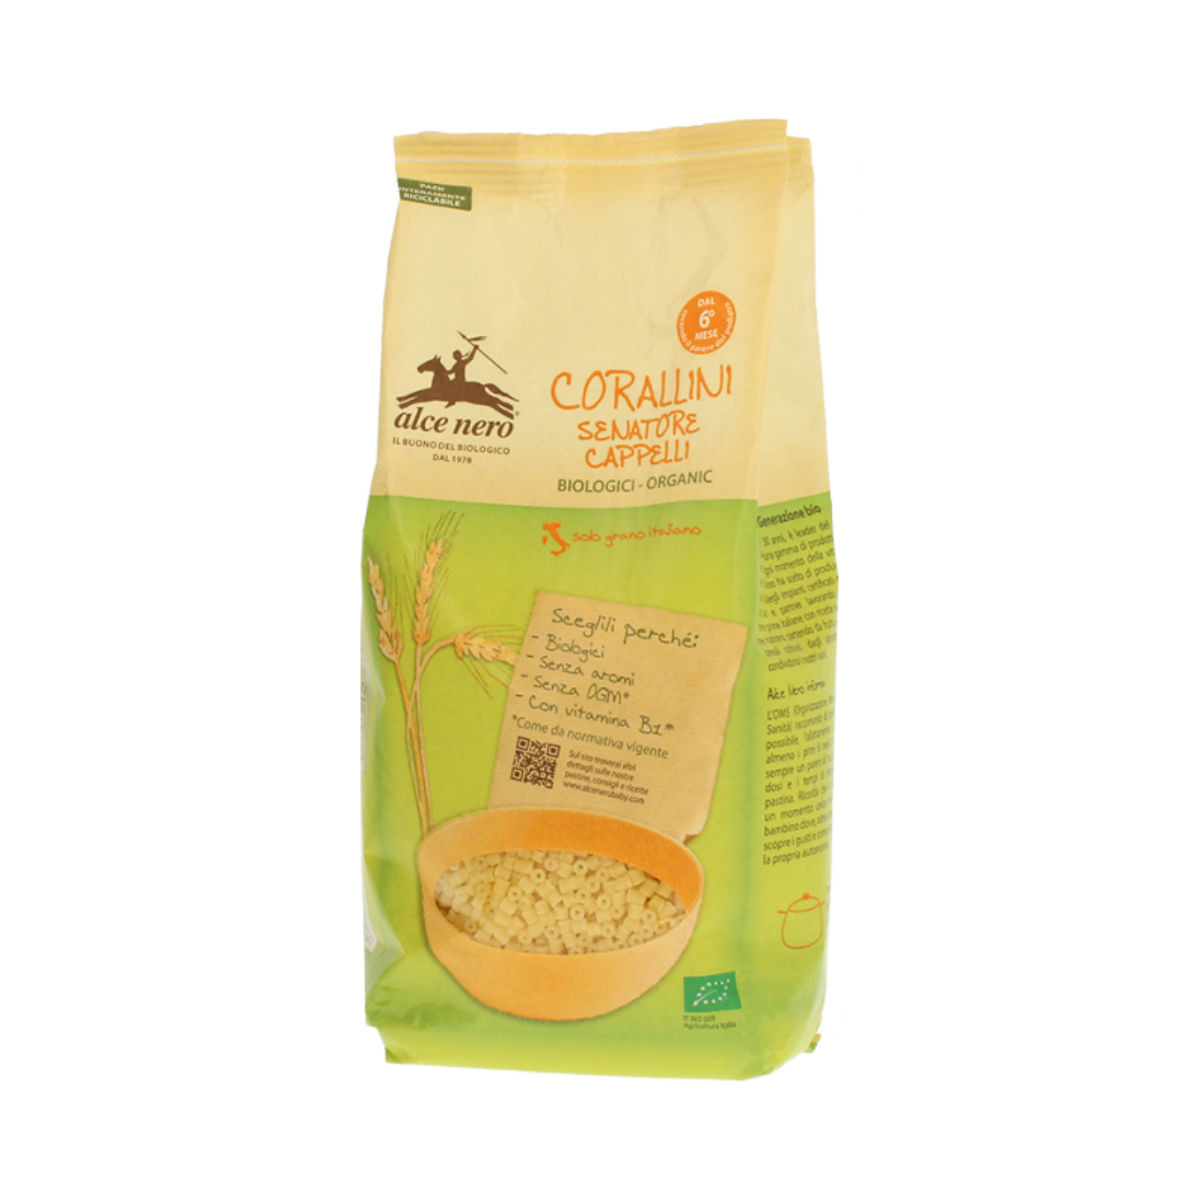 Alce Nero Corallini di grano duro Cappelli biologici 500 gr - Iltuobenessereonline.it